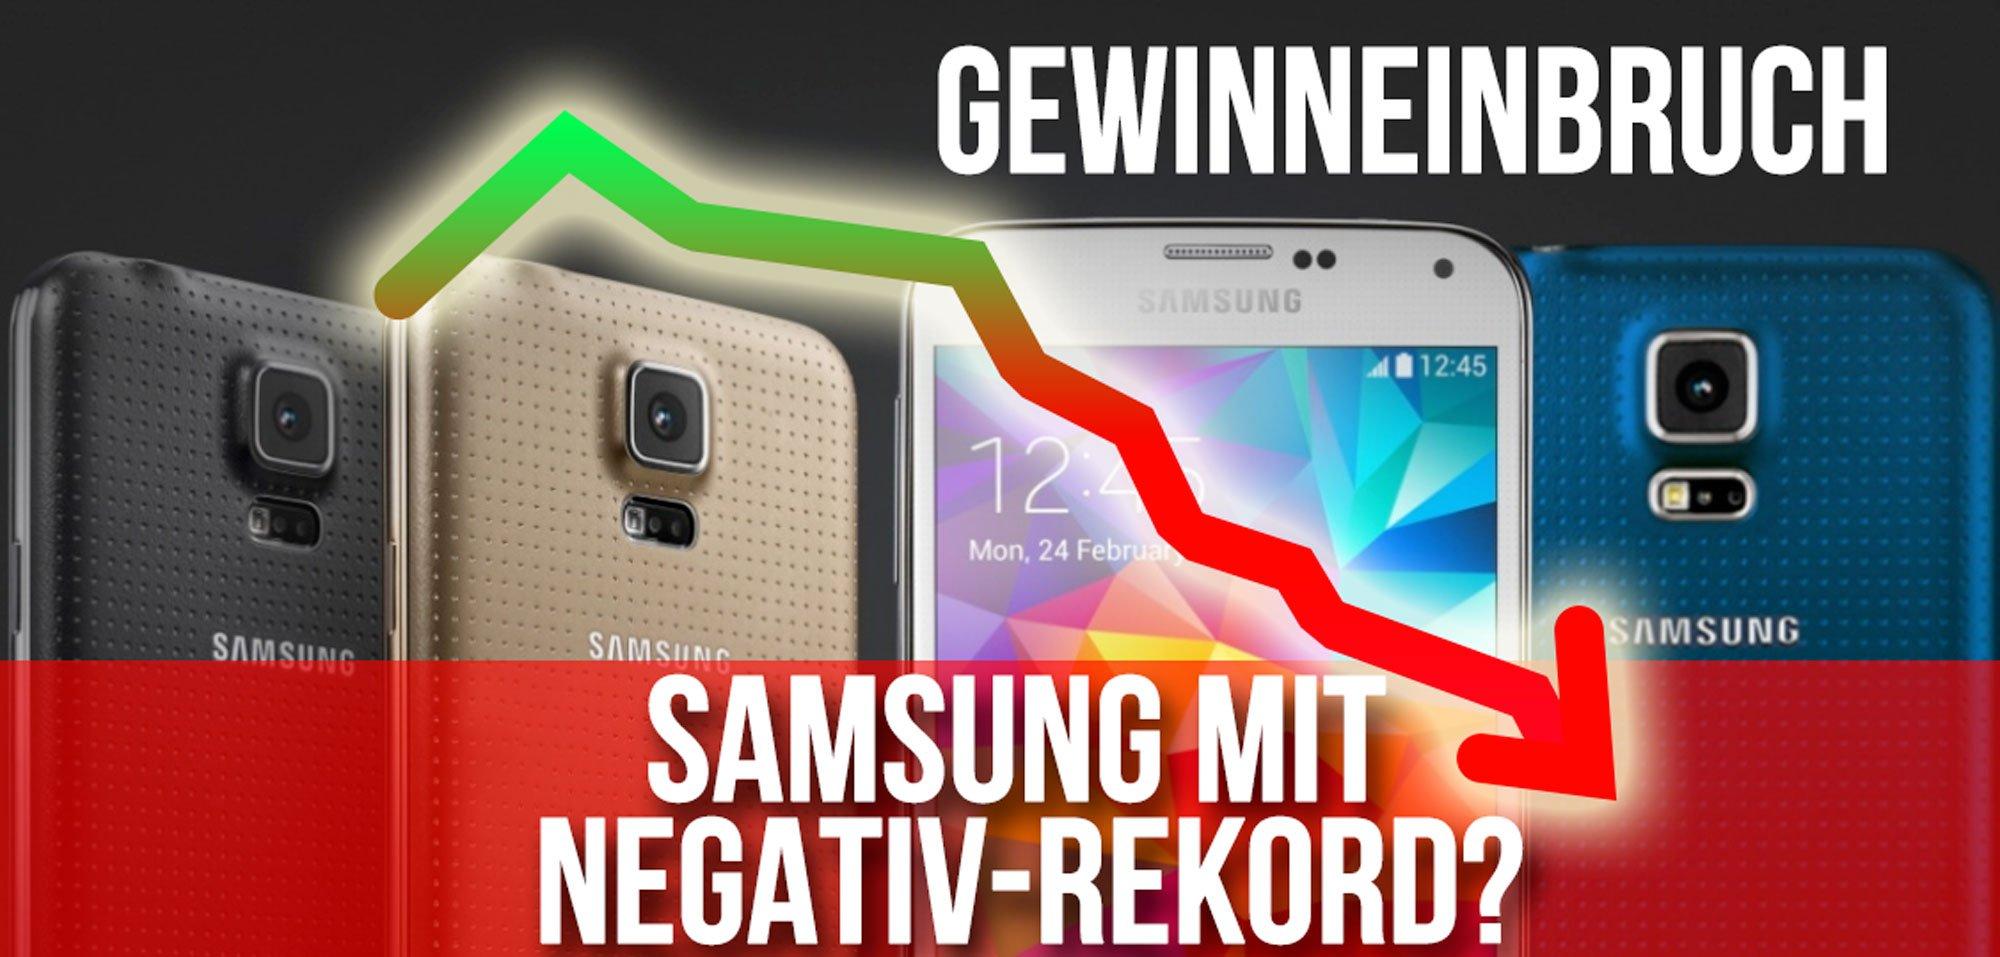 Samsung MINUS 74% - Gewinneinbruch höher als erwartet! 1